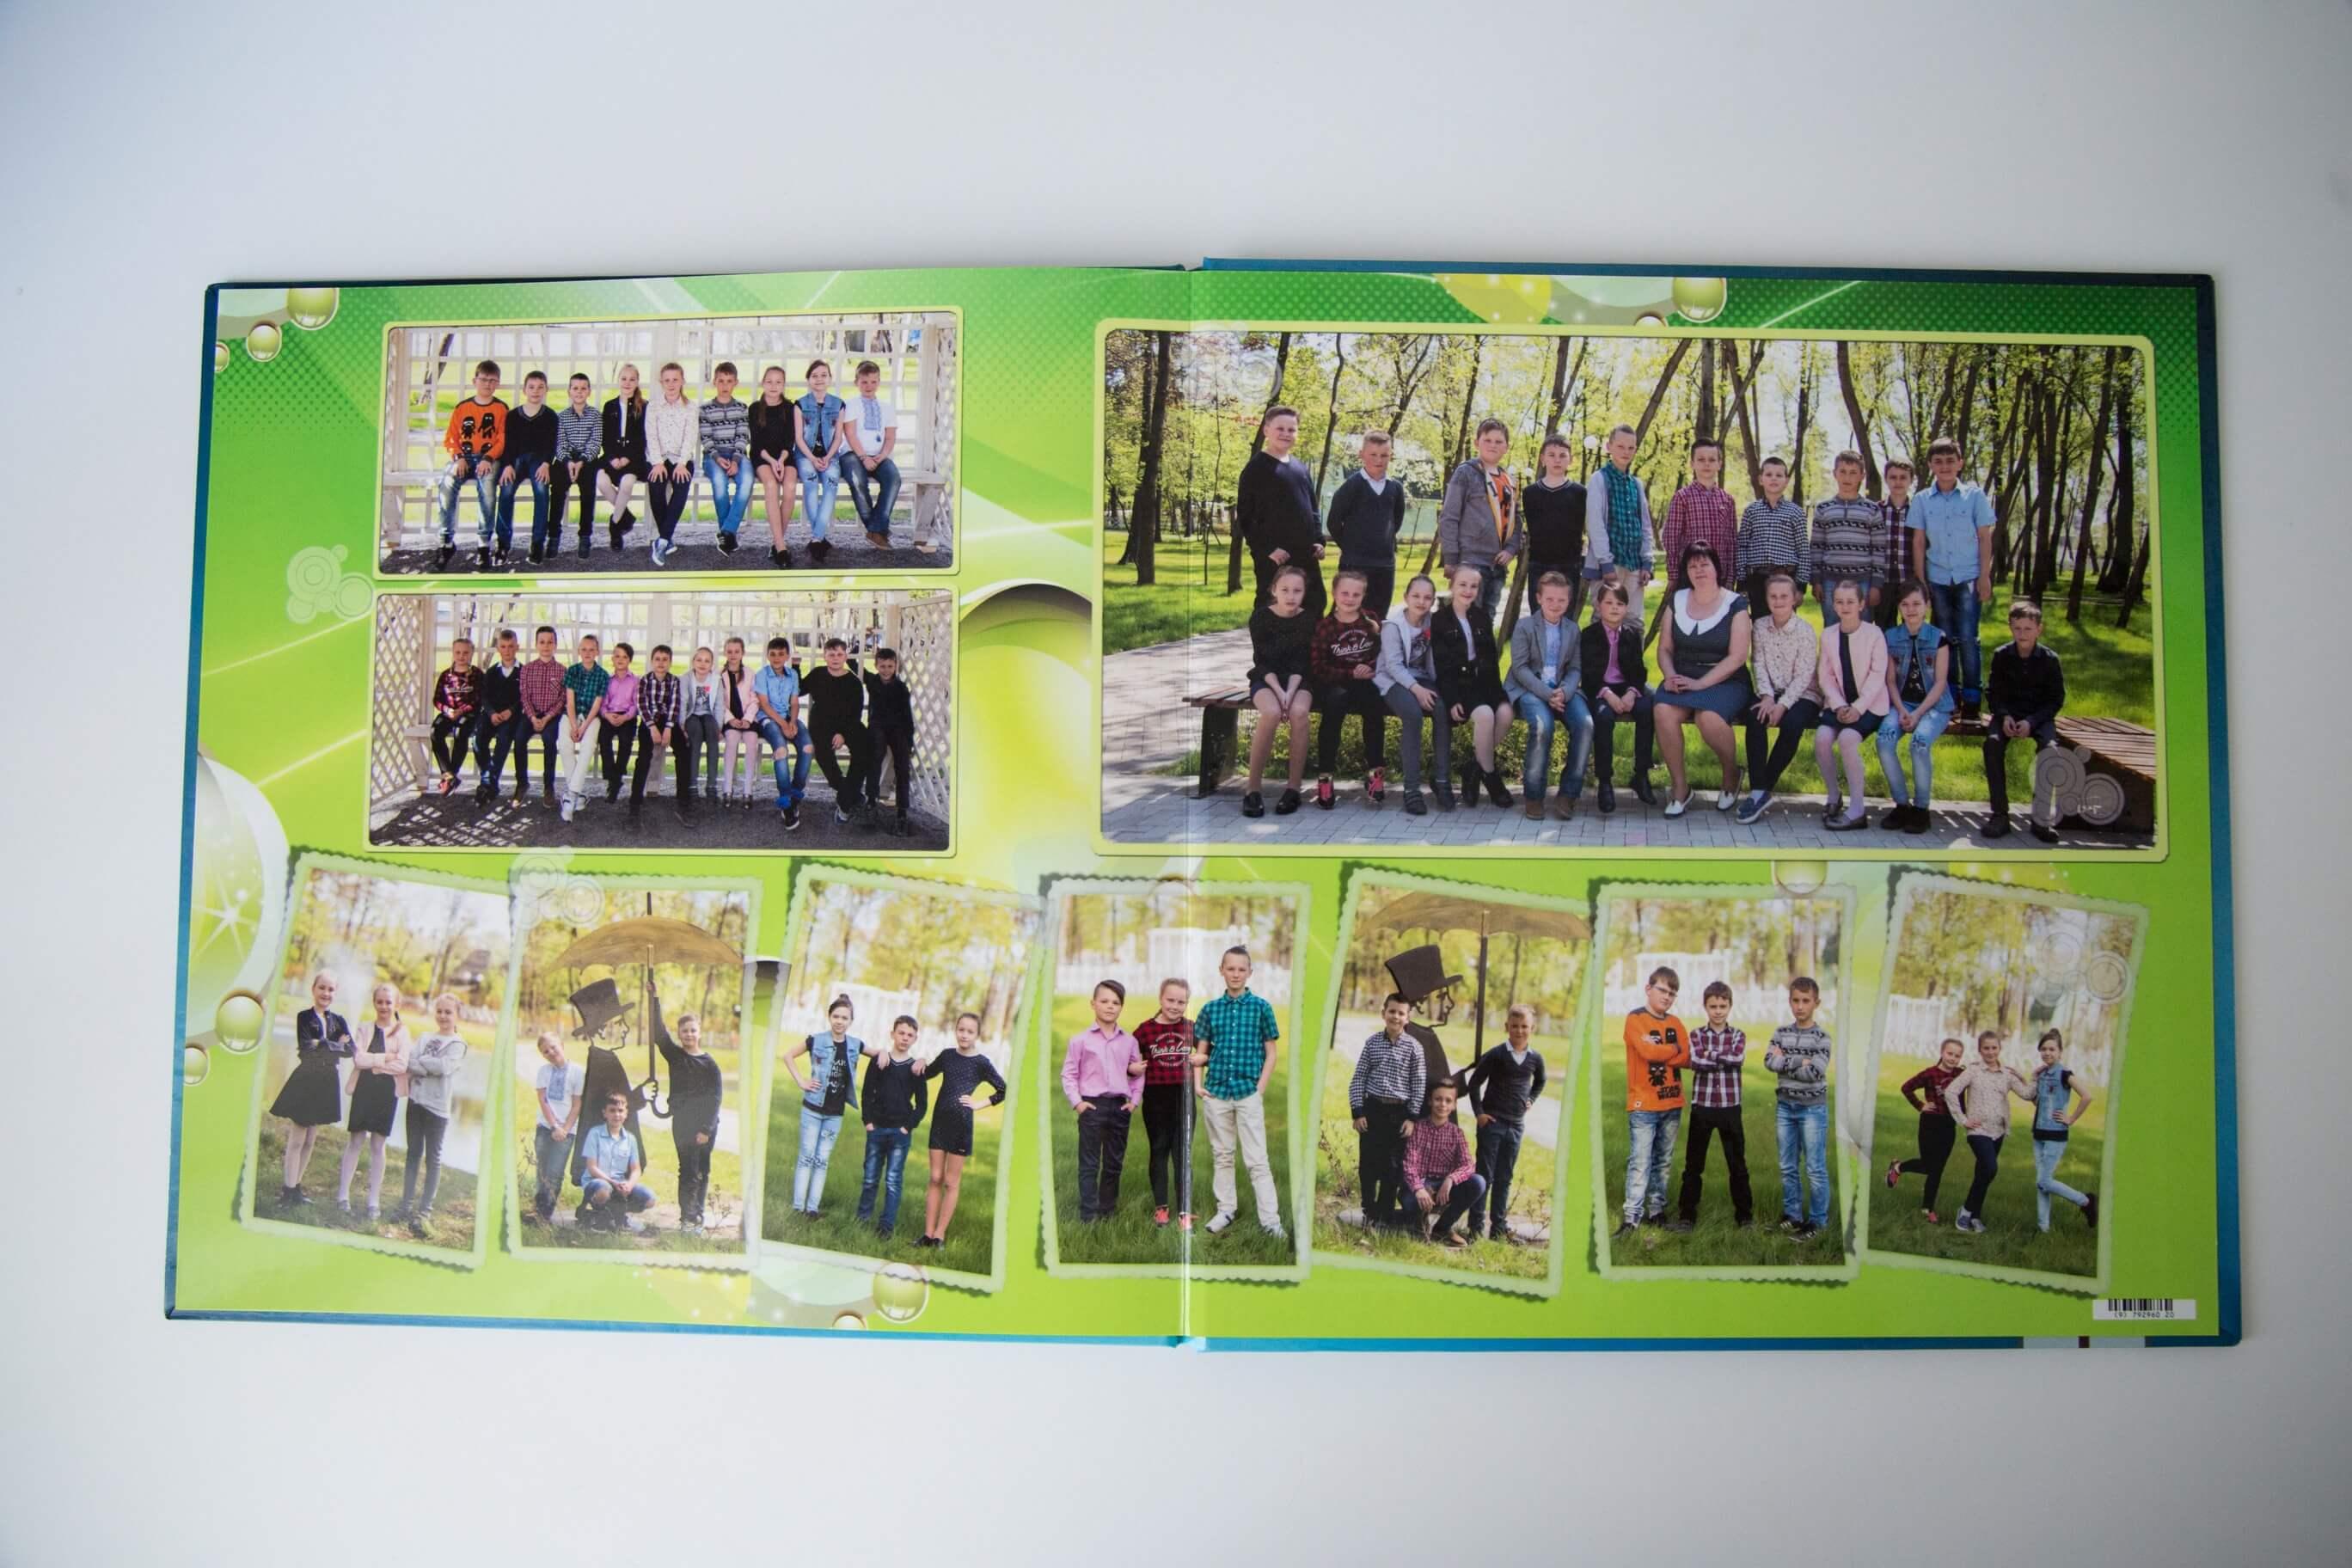 Vypusknye al'bomy 4 klass dlja shkol'nika zakazat' Luchshie fotografy dlja sozdanija vypusknyh al'bomov (1)